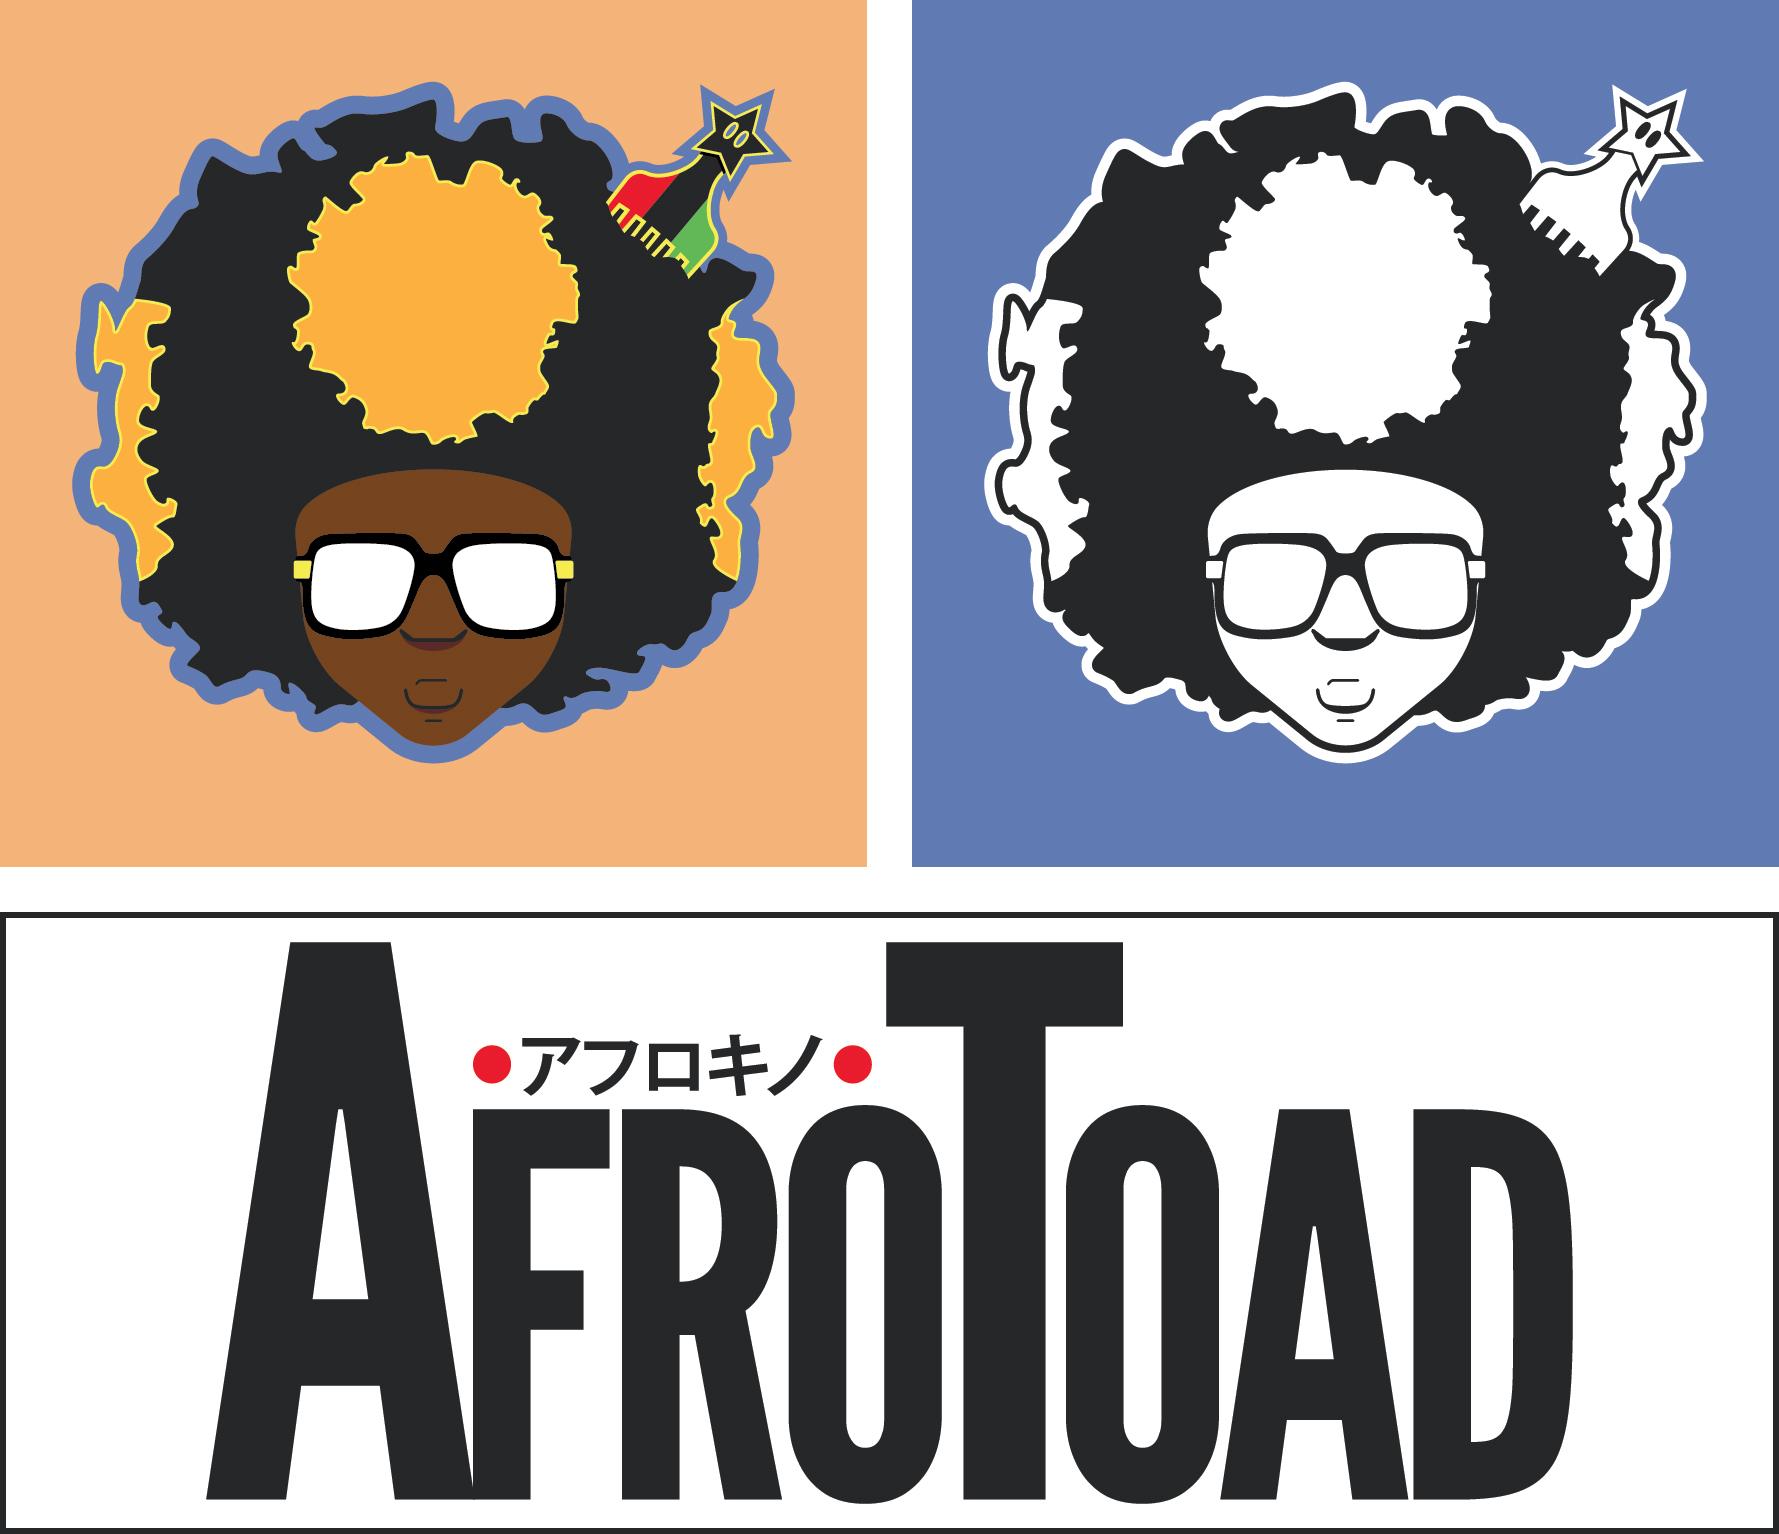 AfroToad 2019 Logos